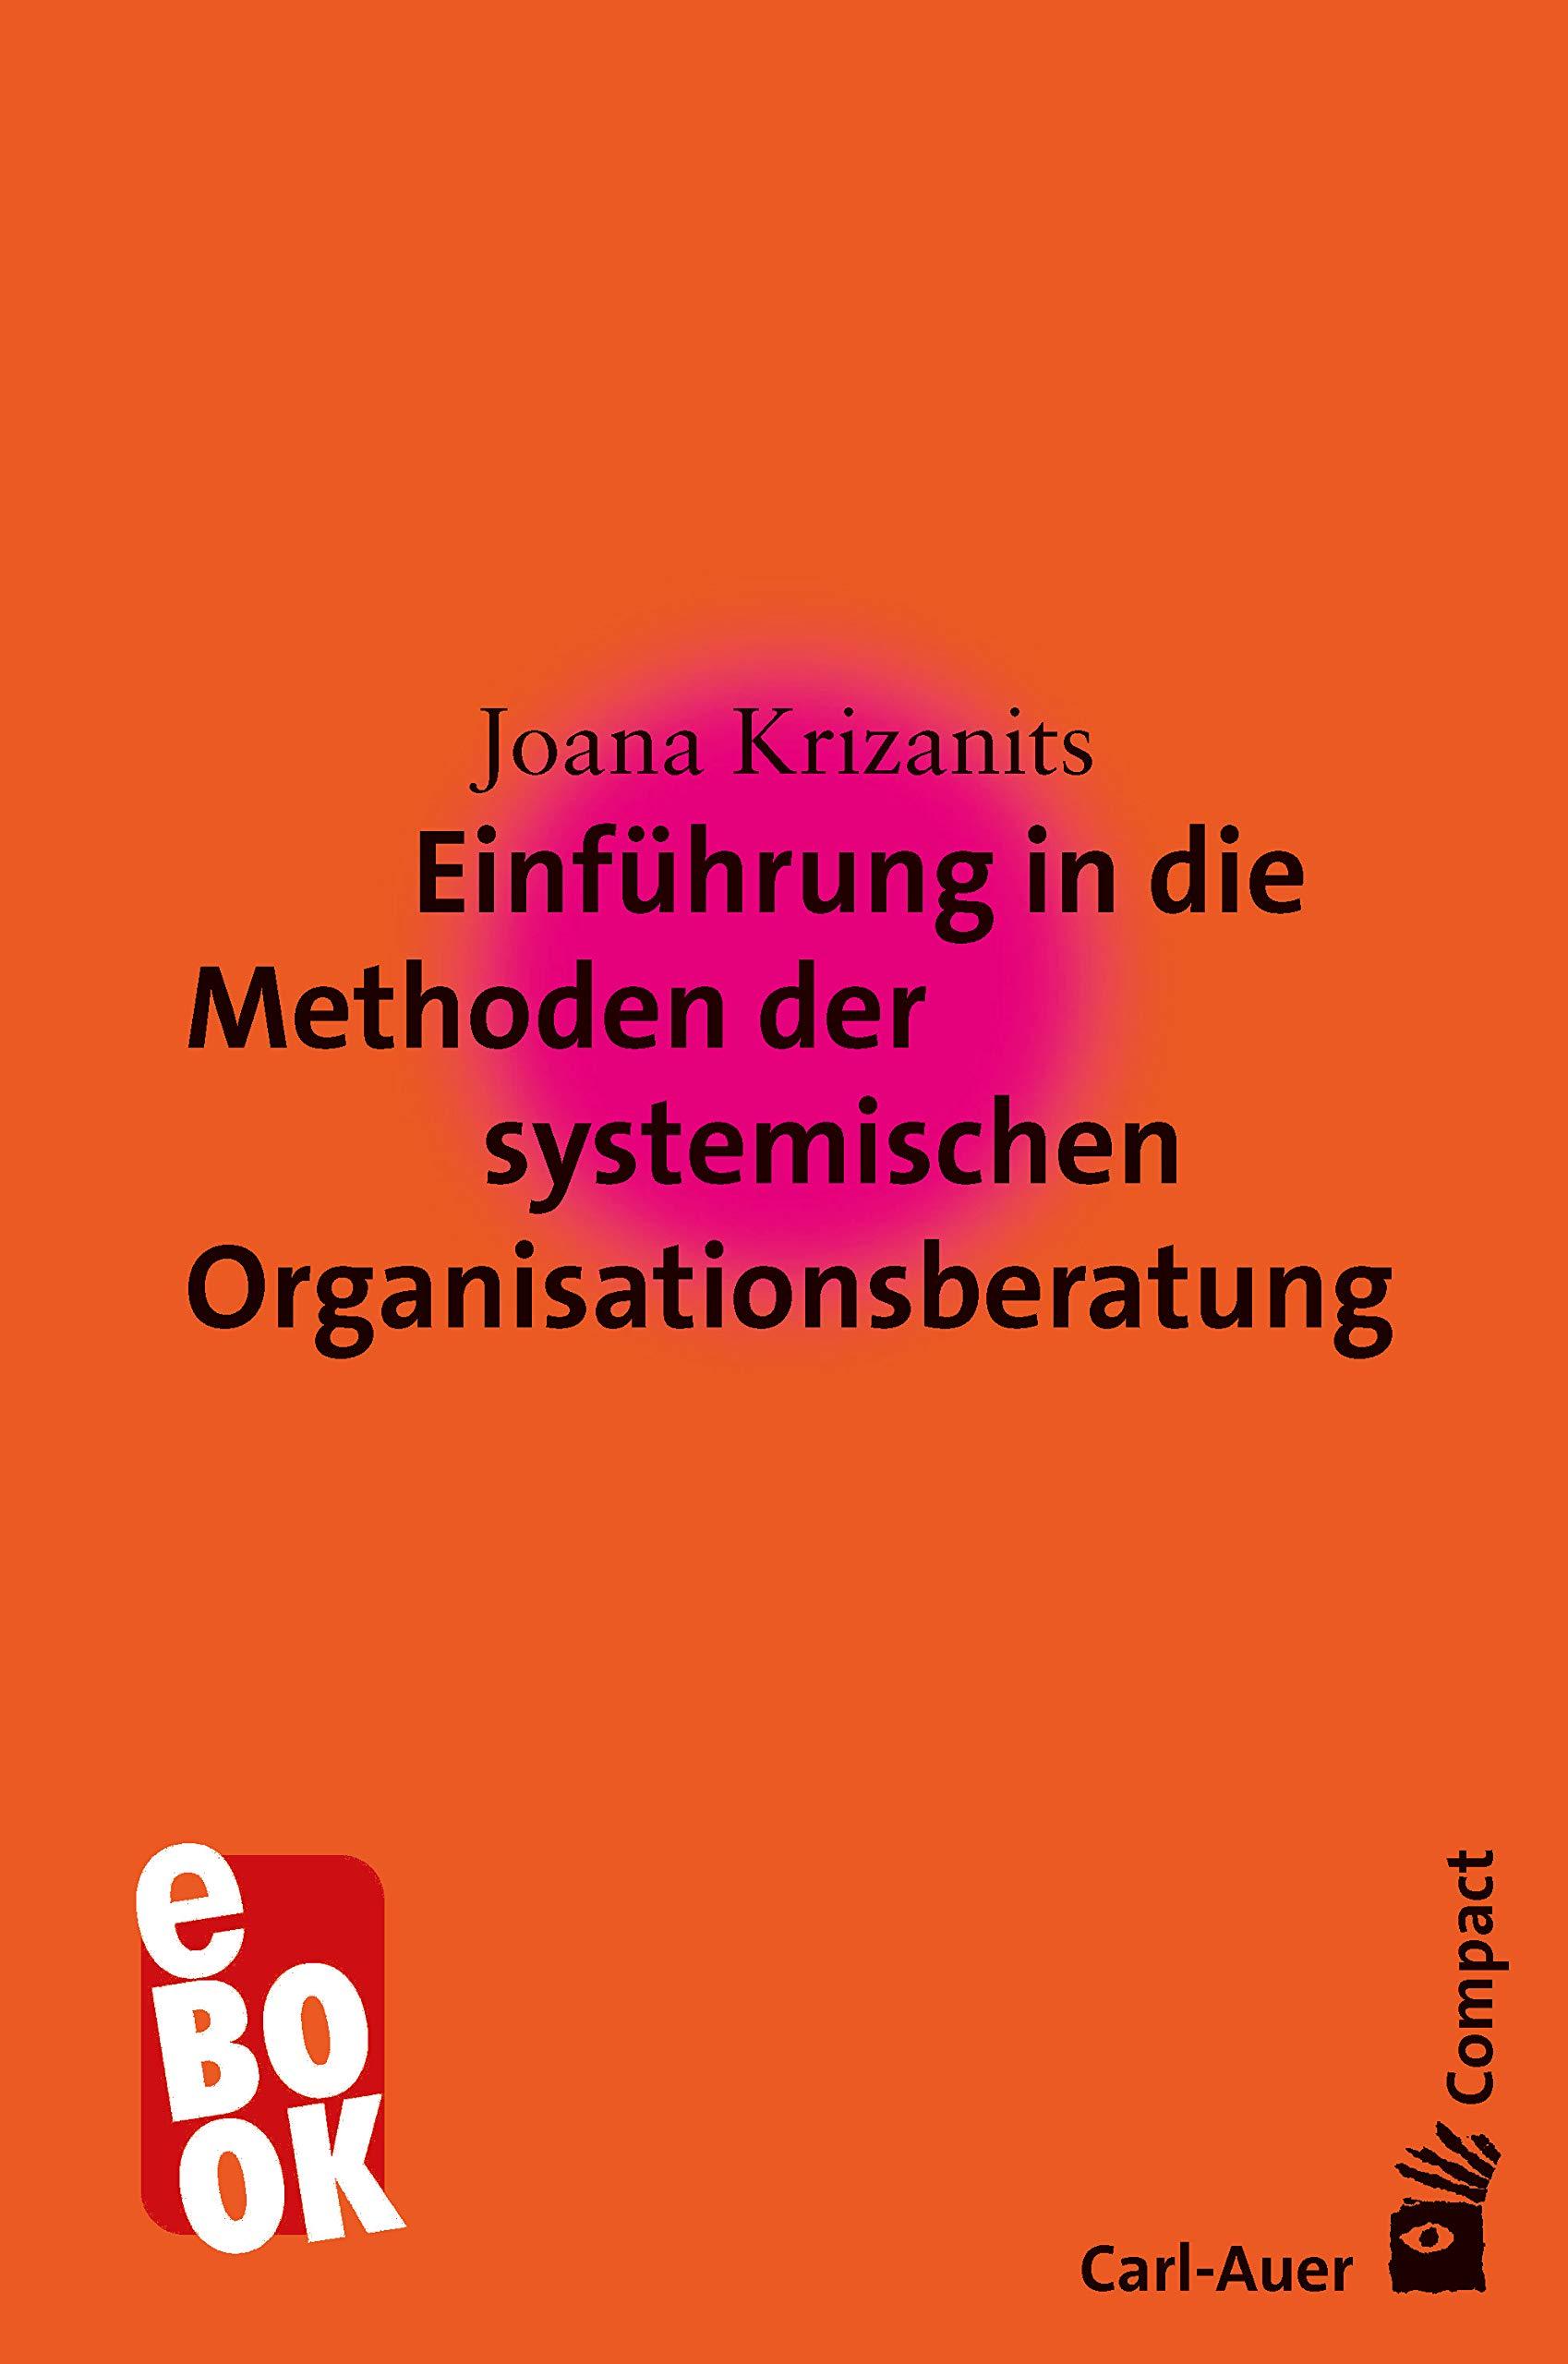 Einführung in die Methoden der systemischen Organisationsberatung (Carl-Auer Compact) (German Edition)